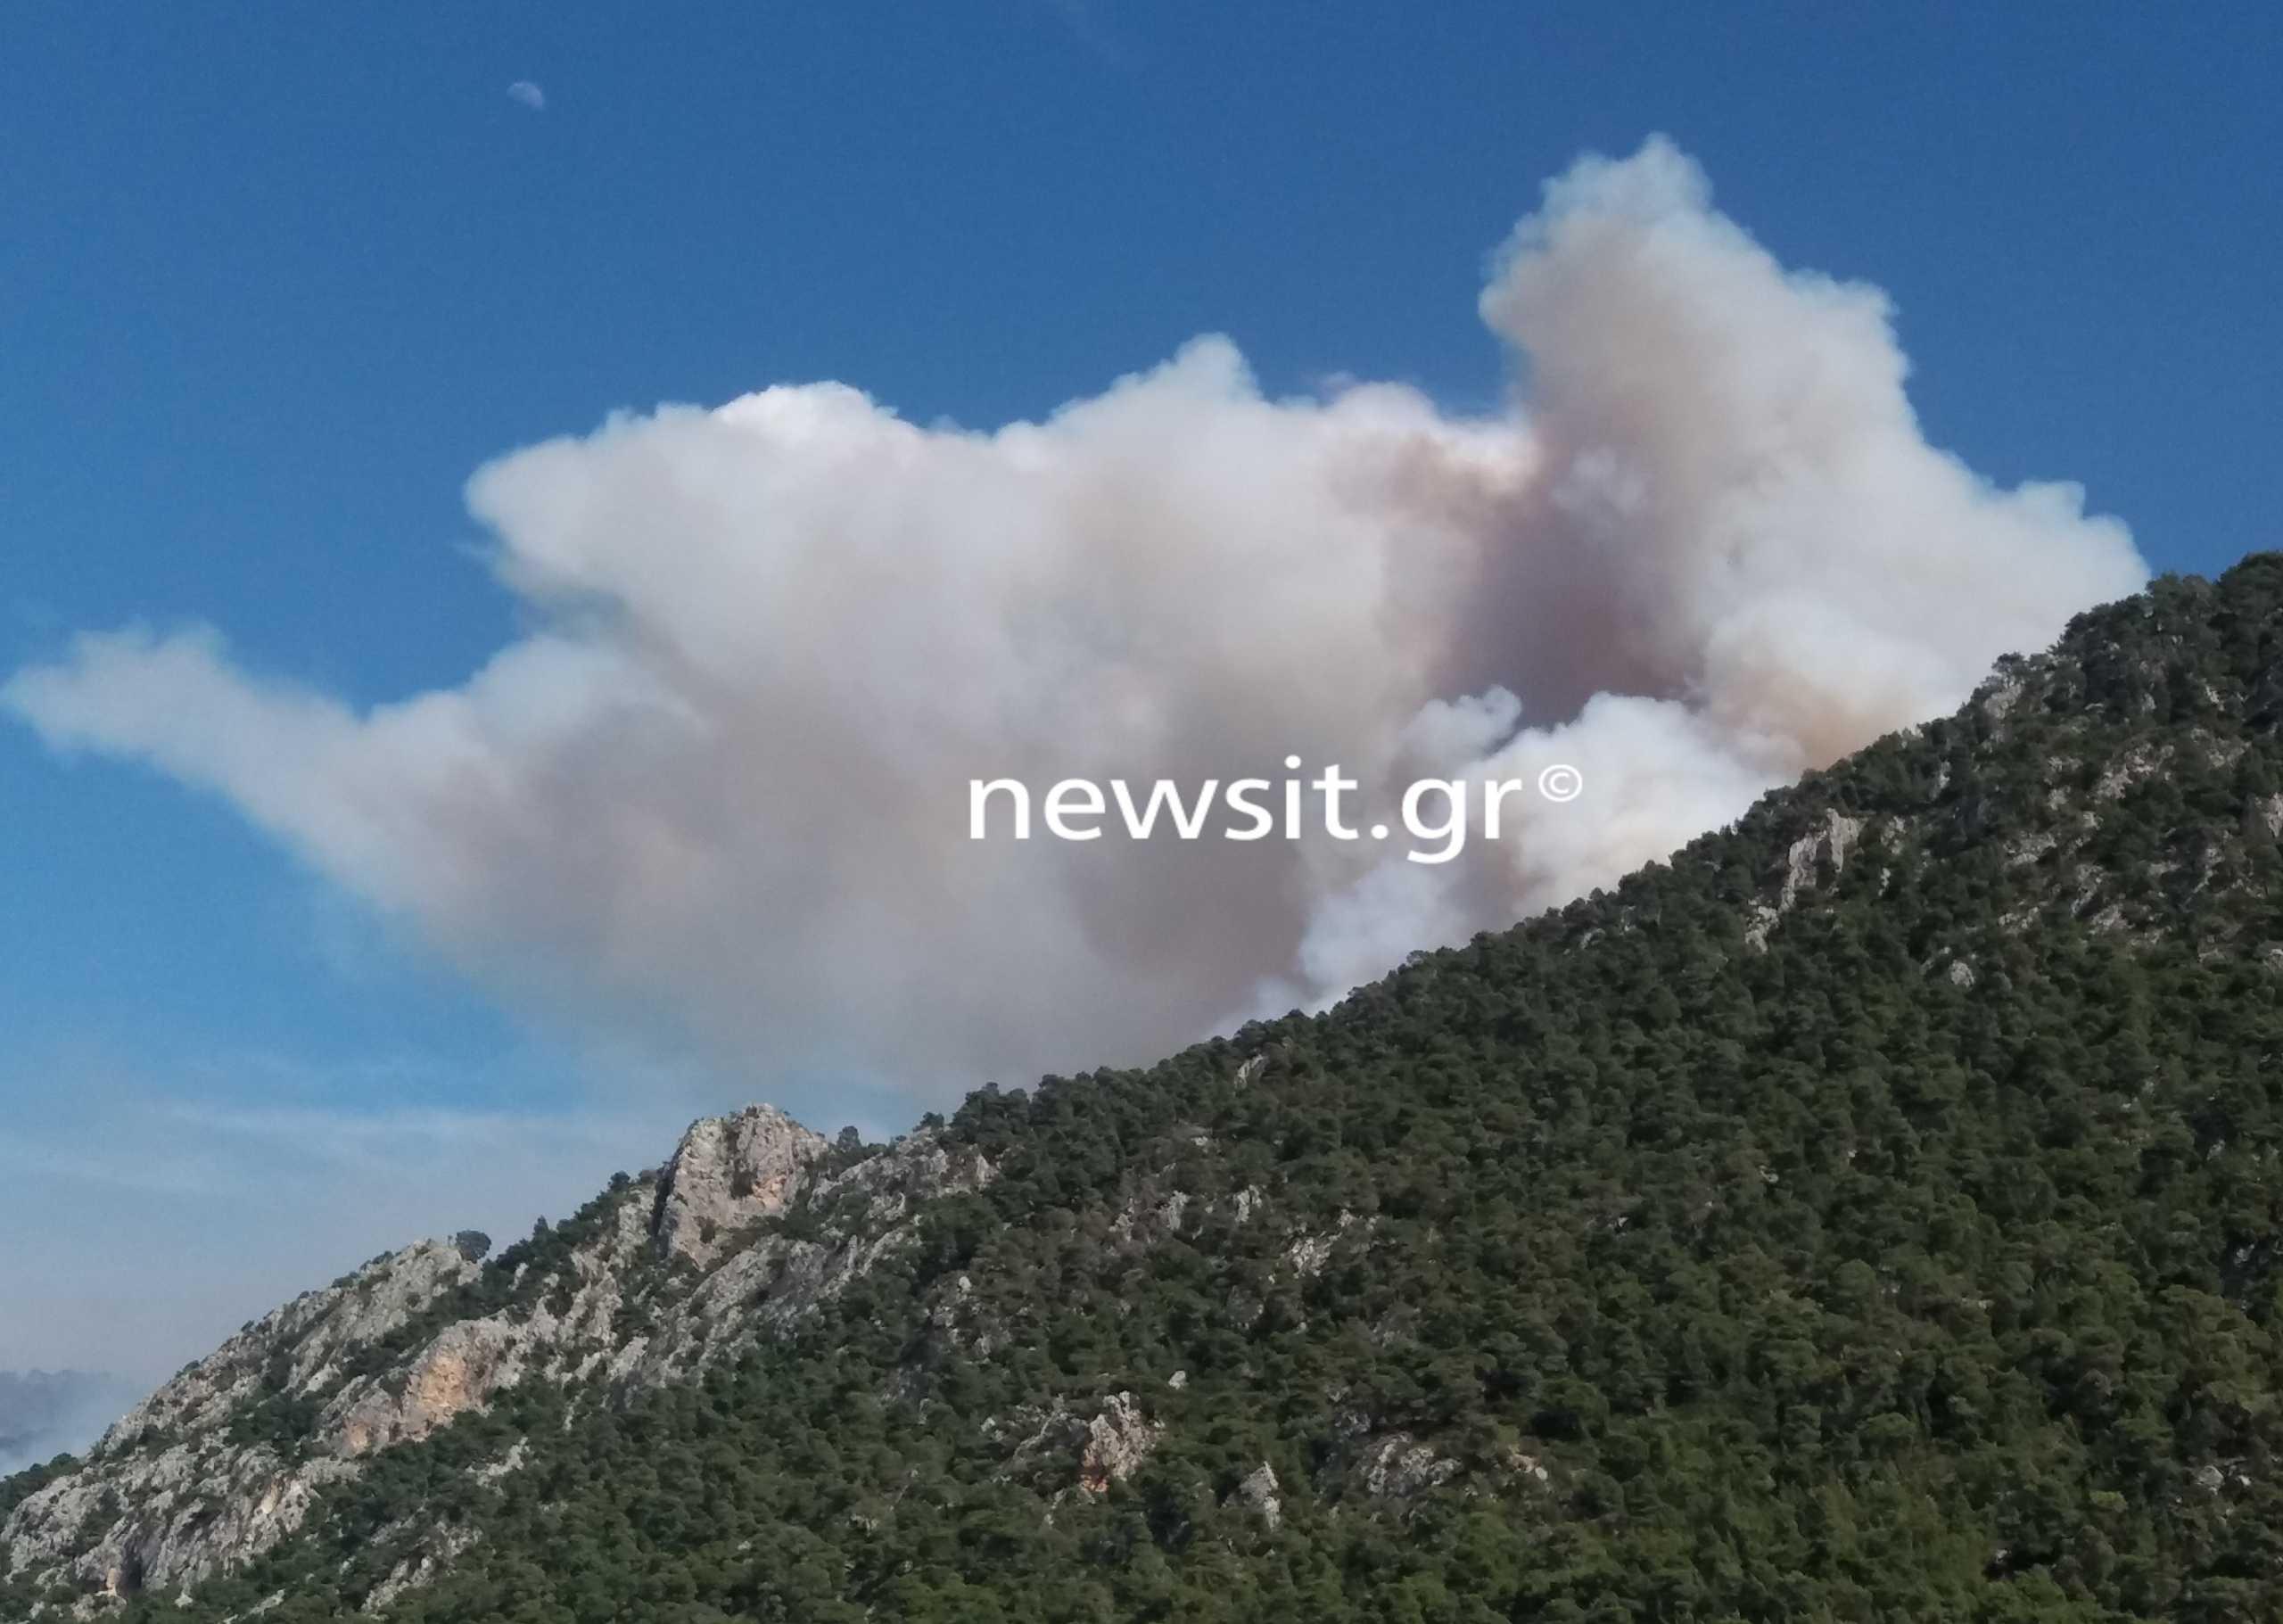 Φωτιά στο Σχίνο: Νέα αναζωπύρωση – Ισχυροί άνεμοι στην περιοχή (pics)